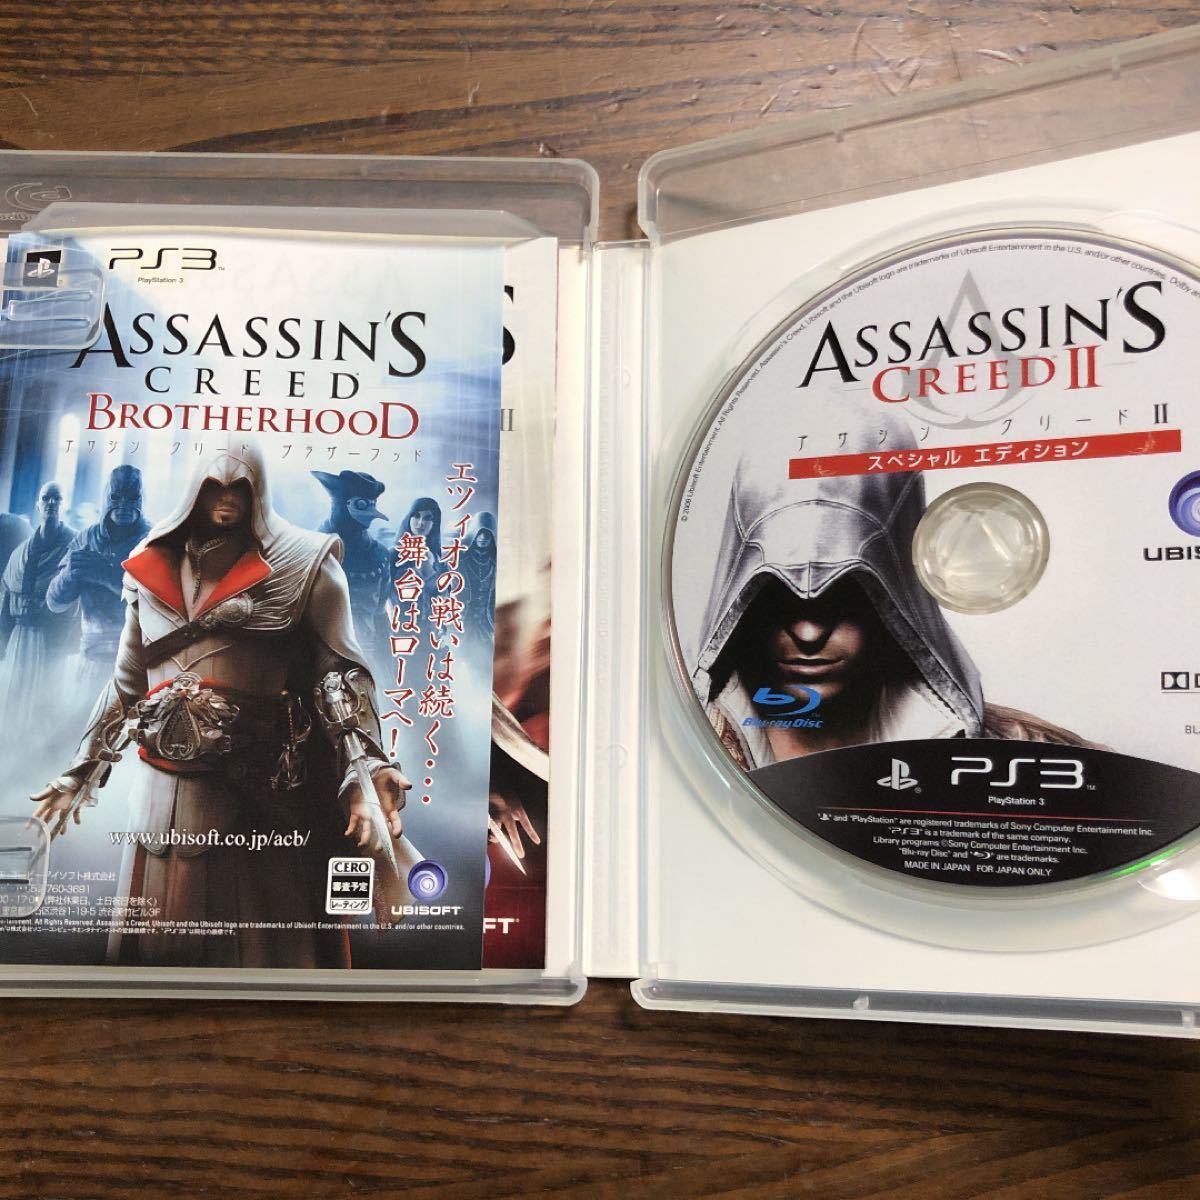 PS3 アサシンクリード2 スペシャルエディション